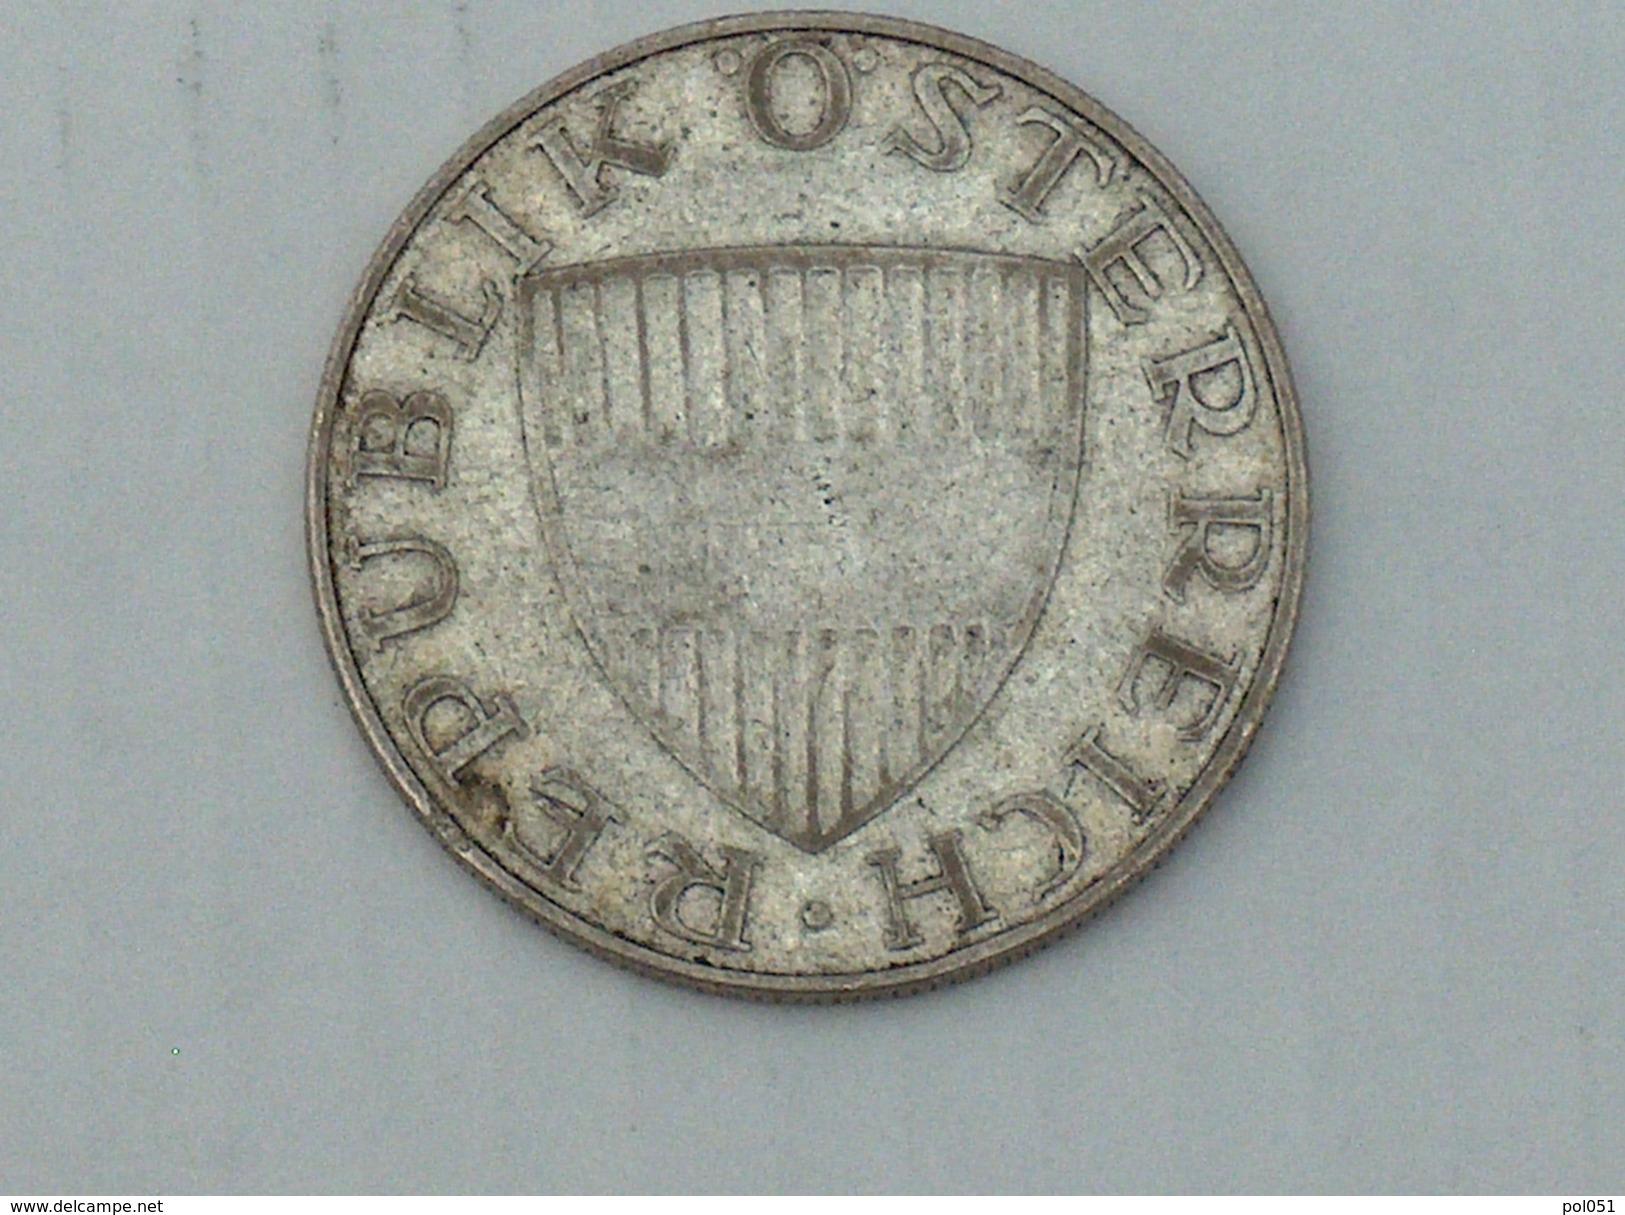 AUTRICHE 10 Schilling 1958  ARGENT SILVER - Autriche